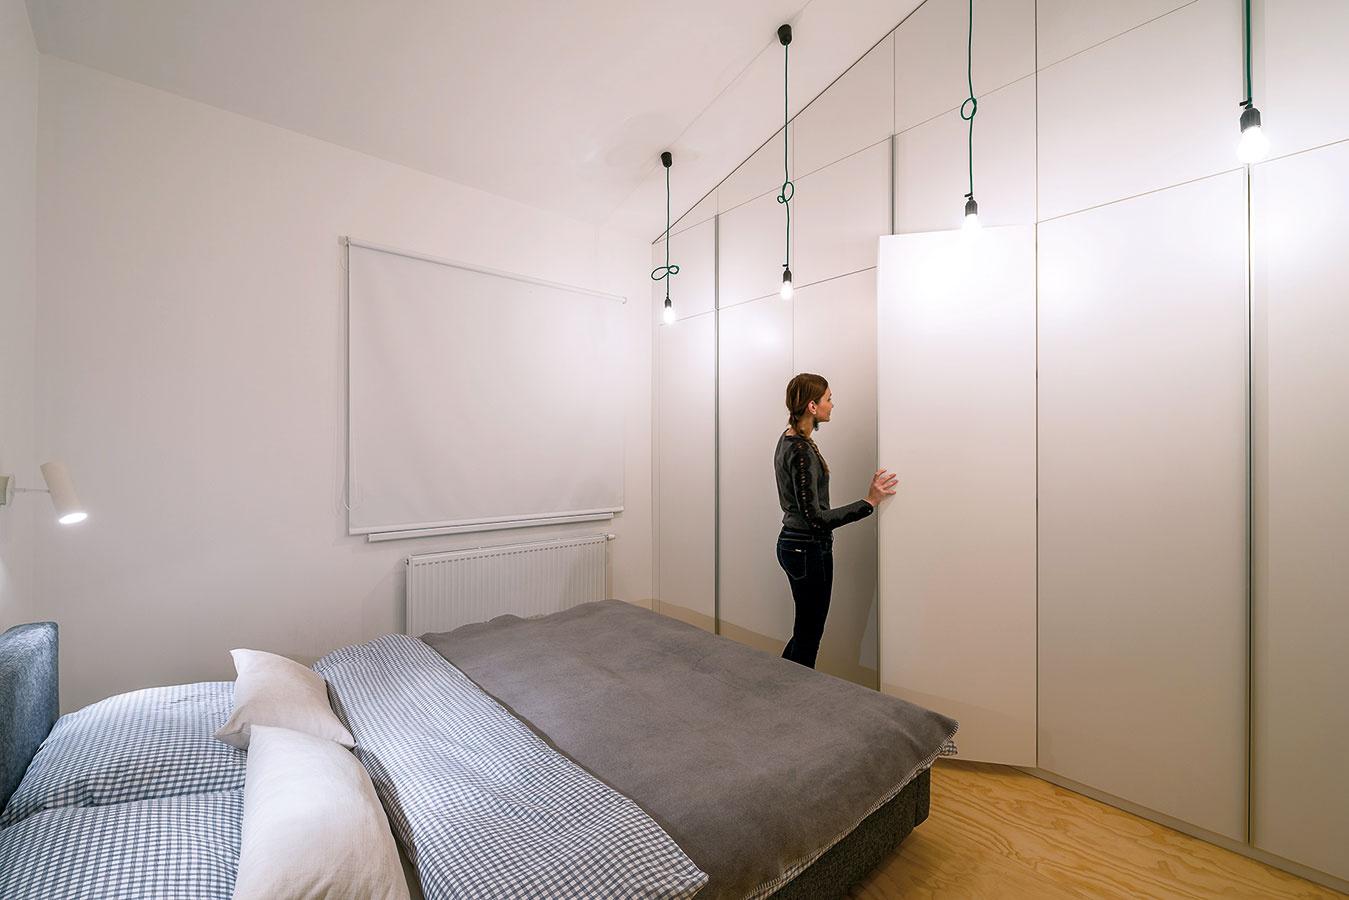 Vstavané skrine vrodičovskej spálni maximálne využívajú vysokú výšku priestoru. Materiálovo korešpondujú so zvyškom vstavaného nábytku, otváranie uľahčujú minimalistické dlhé hliníkové úchytky.